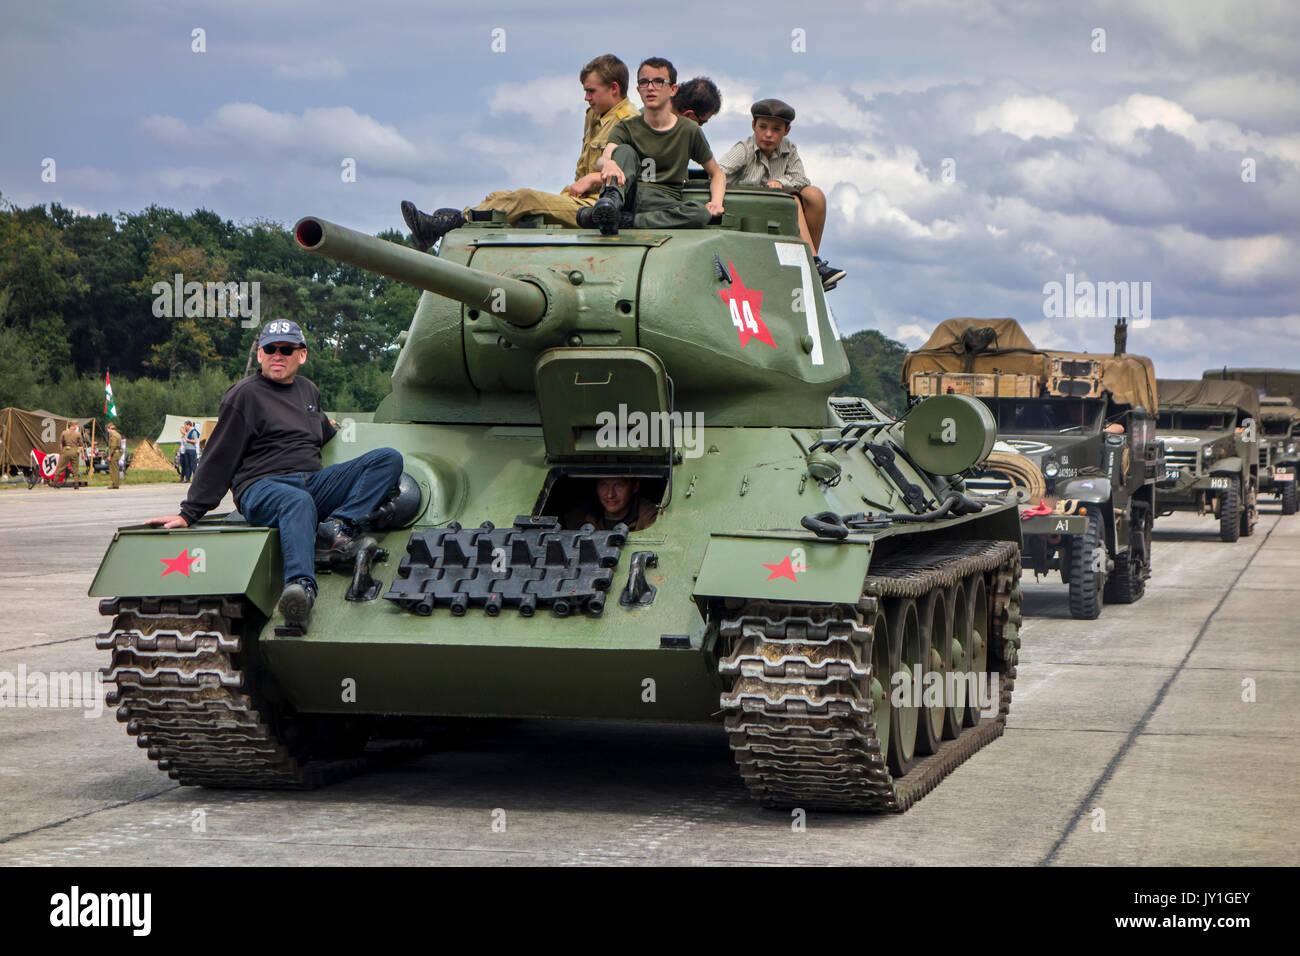 Char moyen soviétique T-34 PENDANT LA SECONDE GUERRE MONDIALE au défilé de véhicules militaires de la Seconde Guerre mondiale militaria juste Wold Photo Stock